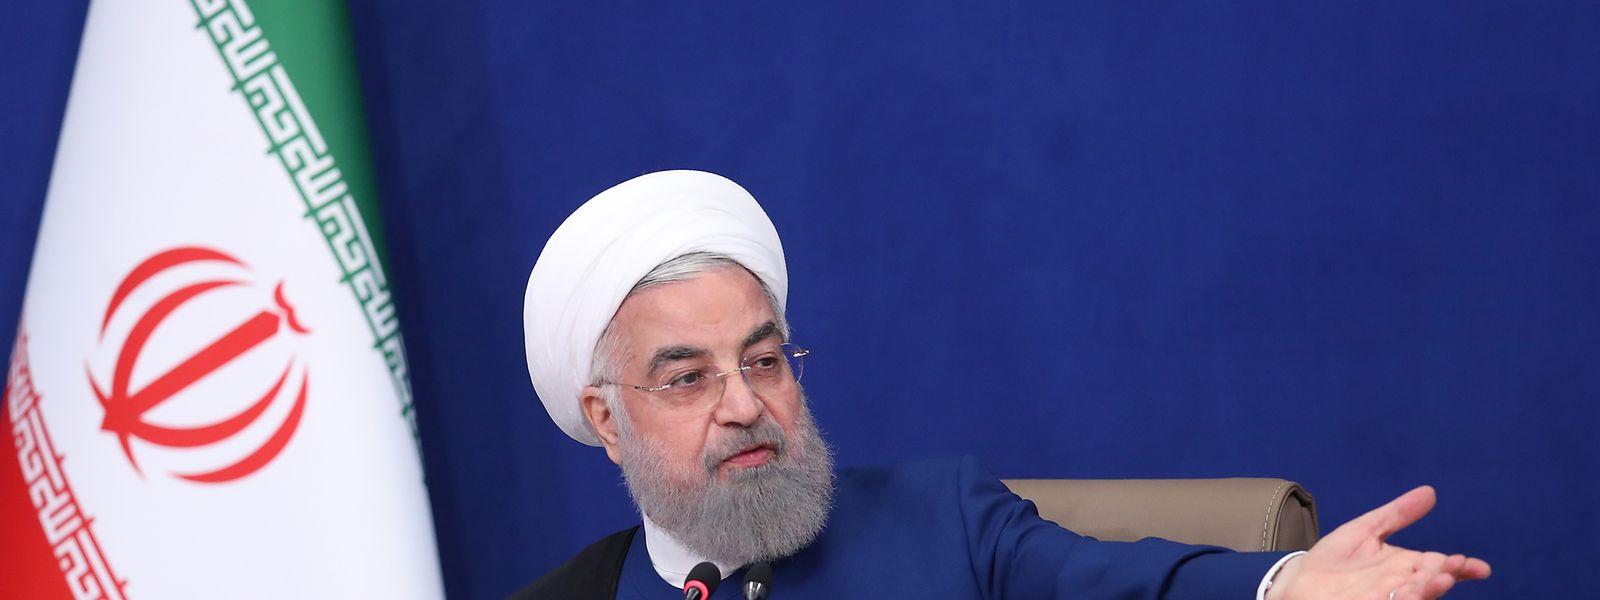 Hassan Ruhani, Präsident des Iran, leitet die letzte Kabinettssitzung der zwölften Regierung. Sein Nachfolger, der neu gewählte iranische Präsident Raisi, soll am kommenden Donnerstag vereidigt werden.